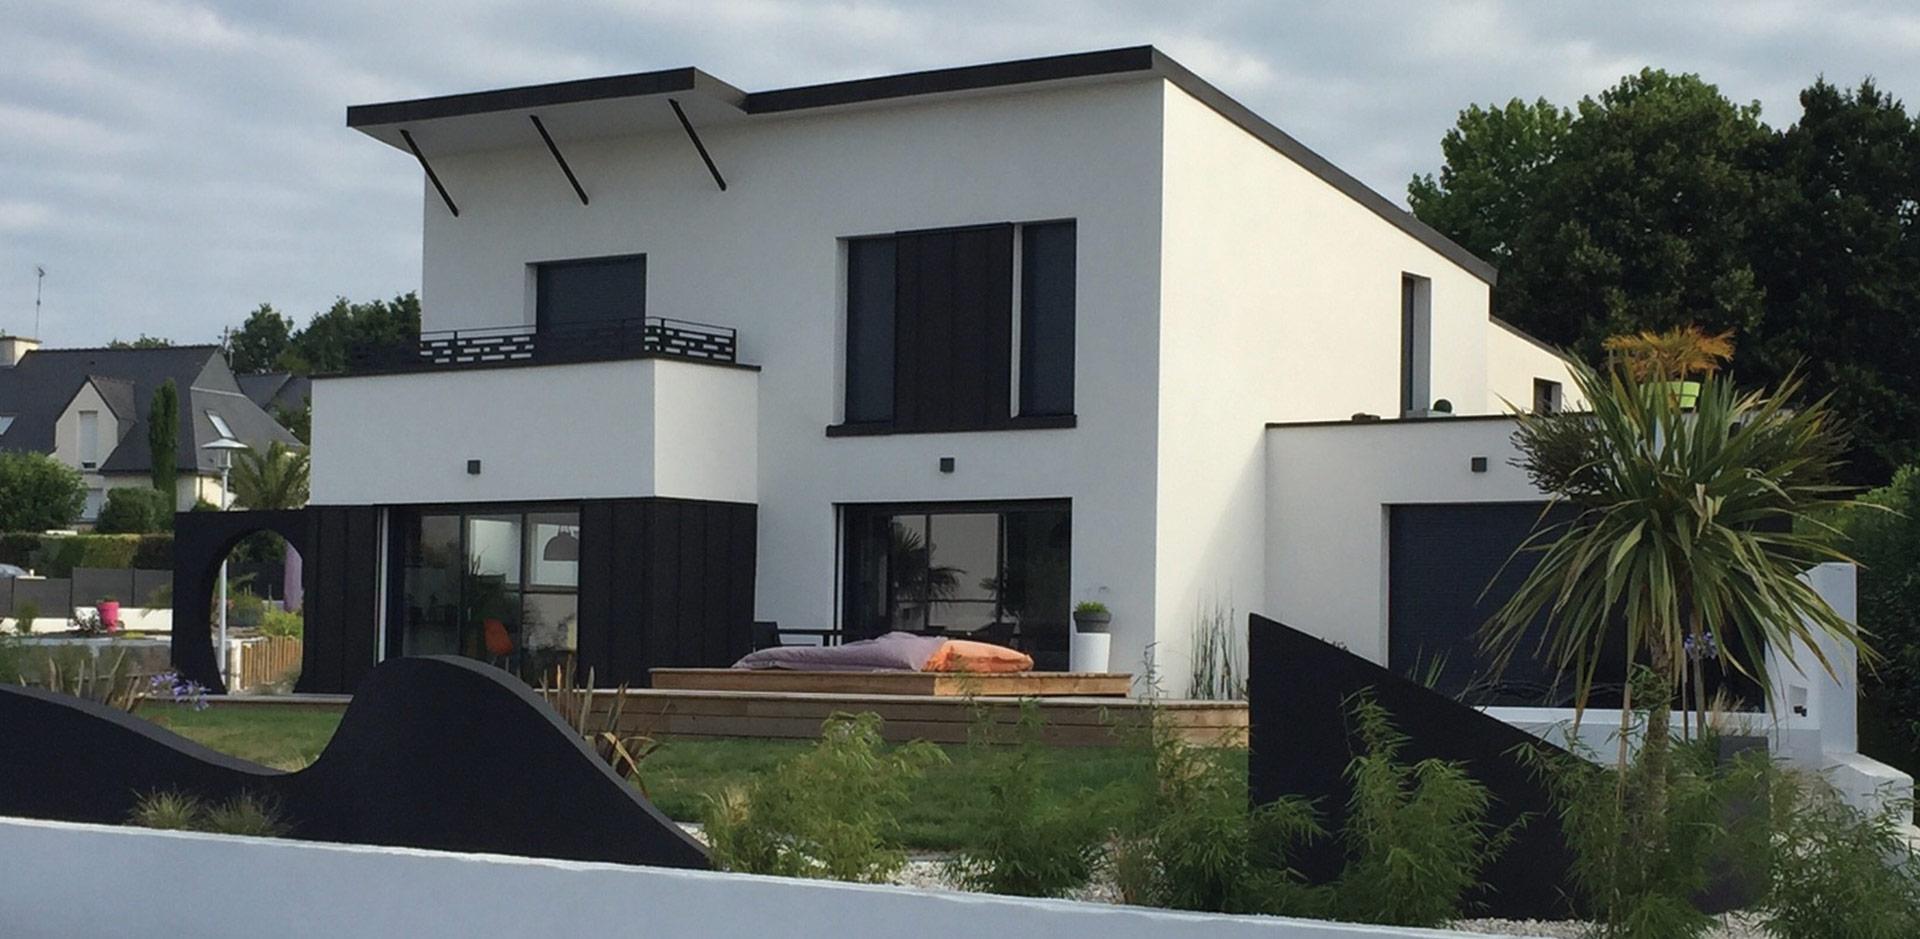 Maisons Design et Traditions ≡ Constructeur Maison à Vannes